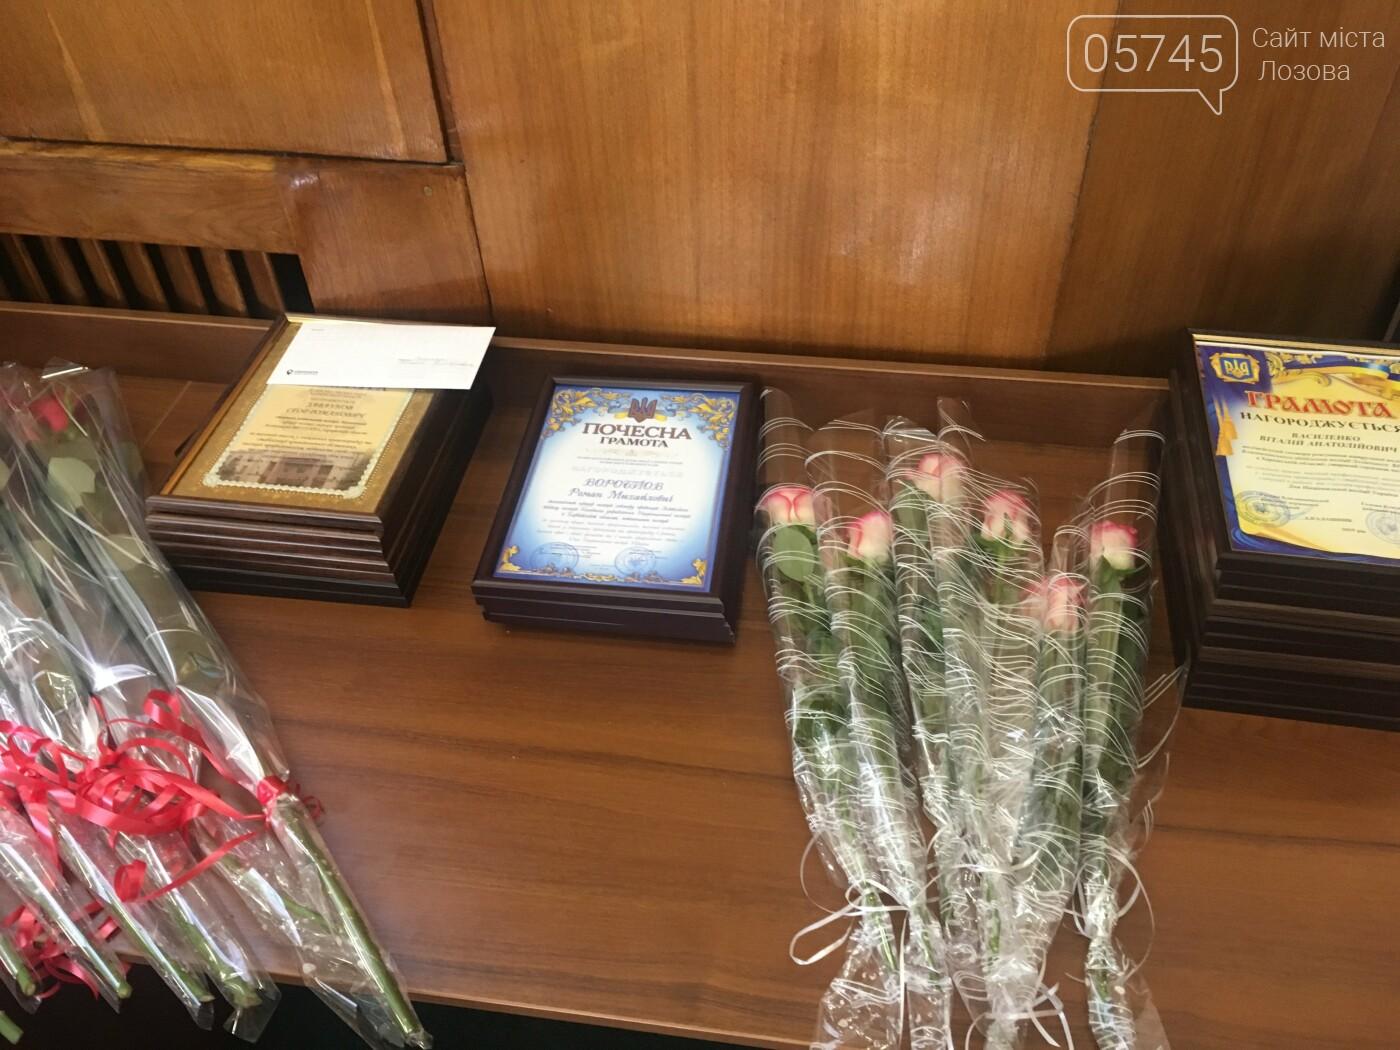 В Лозовой поздравили полицейских с профессиональным праздником, фото-2